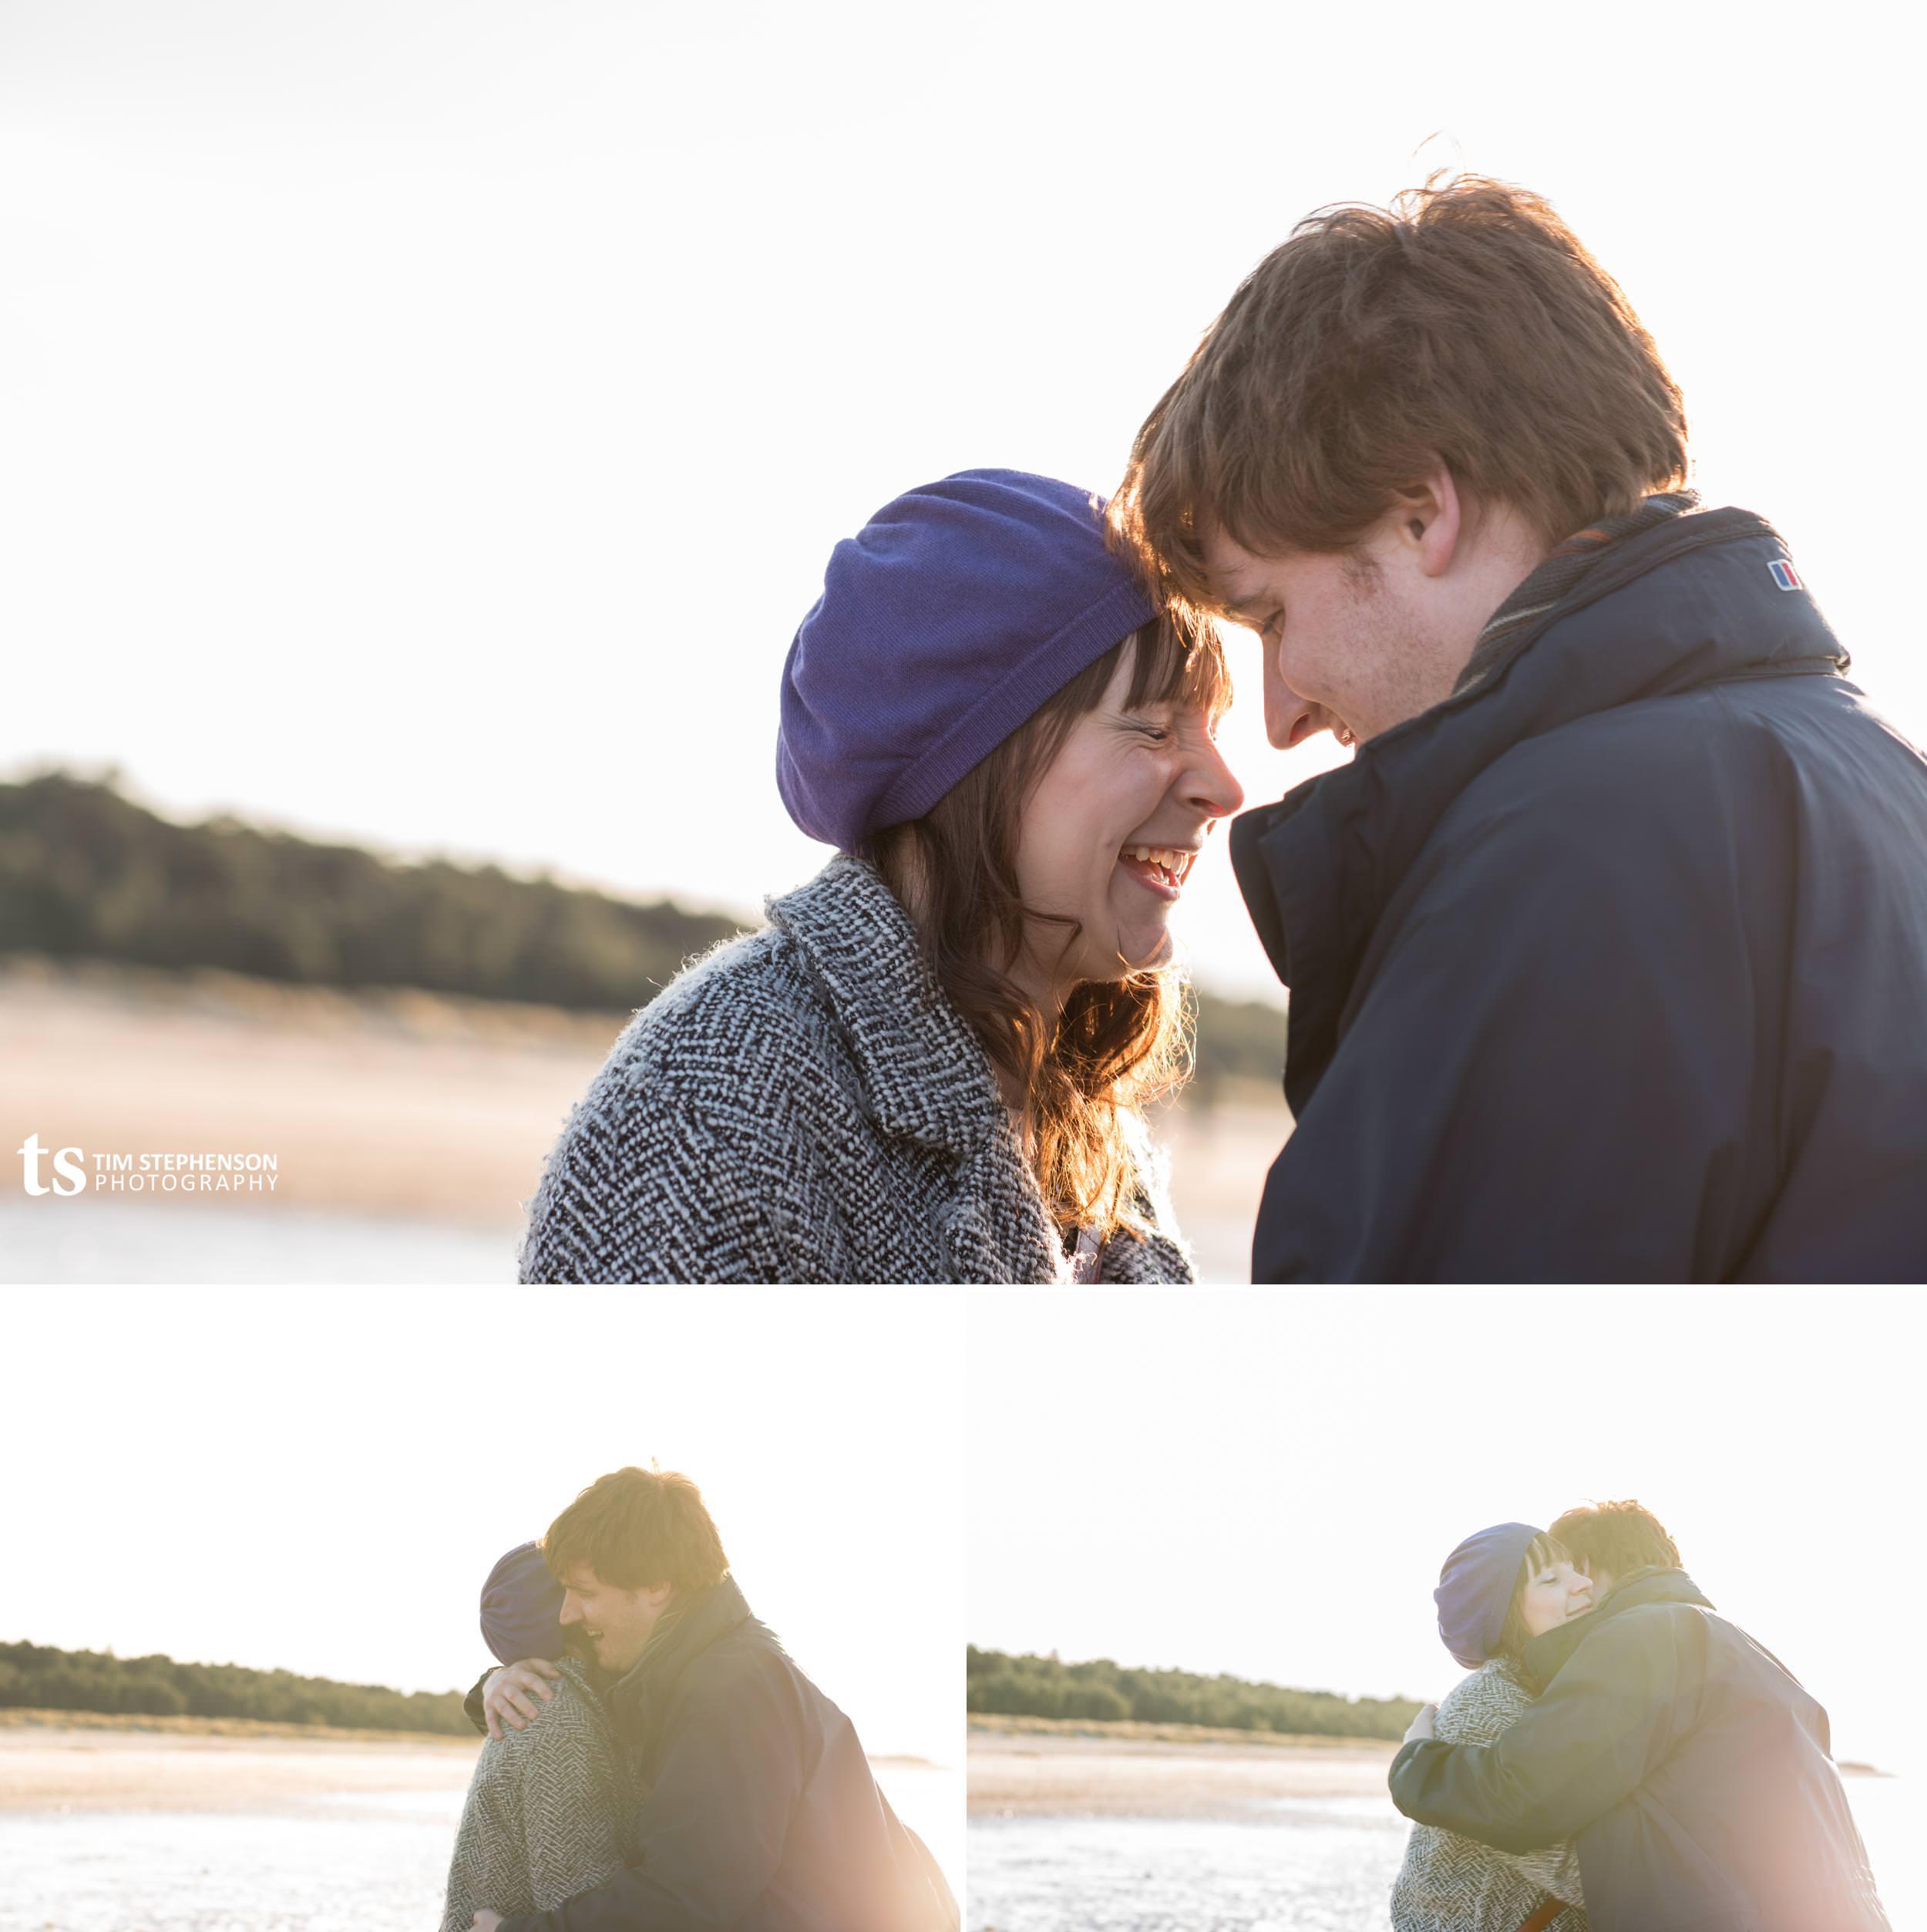 Rosie-Ben-Norfolk-Engagement-Photography 4